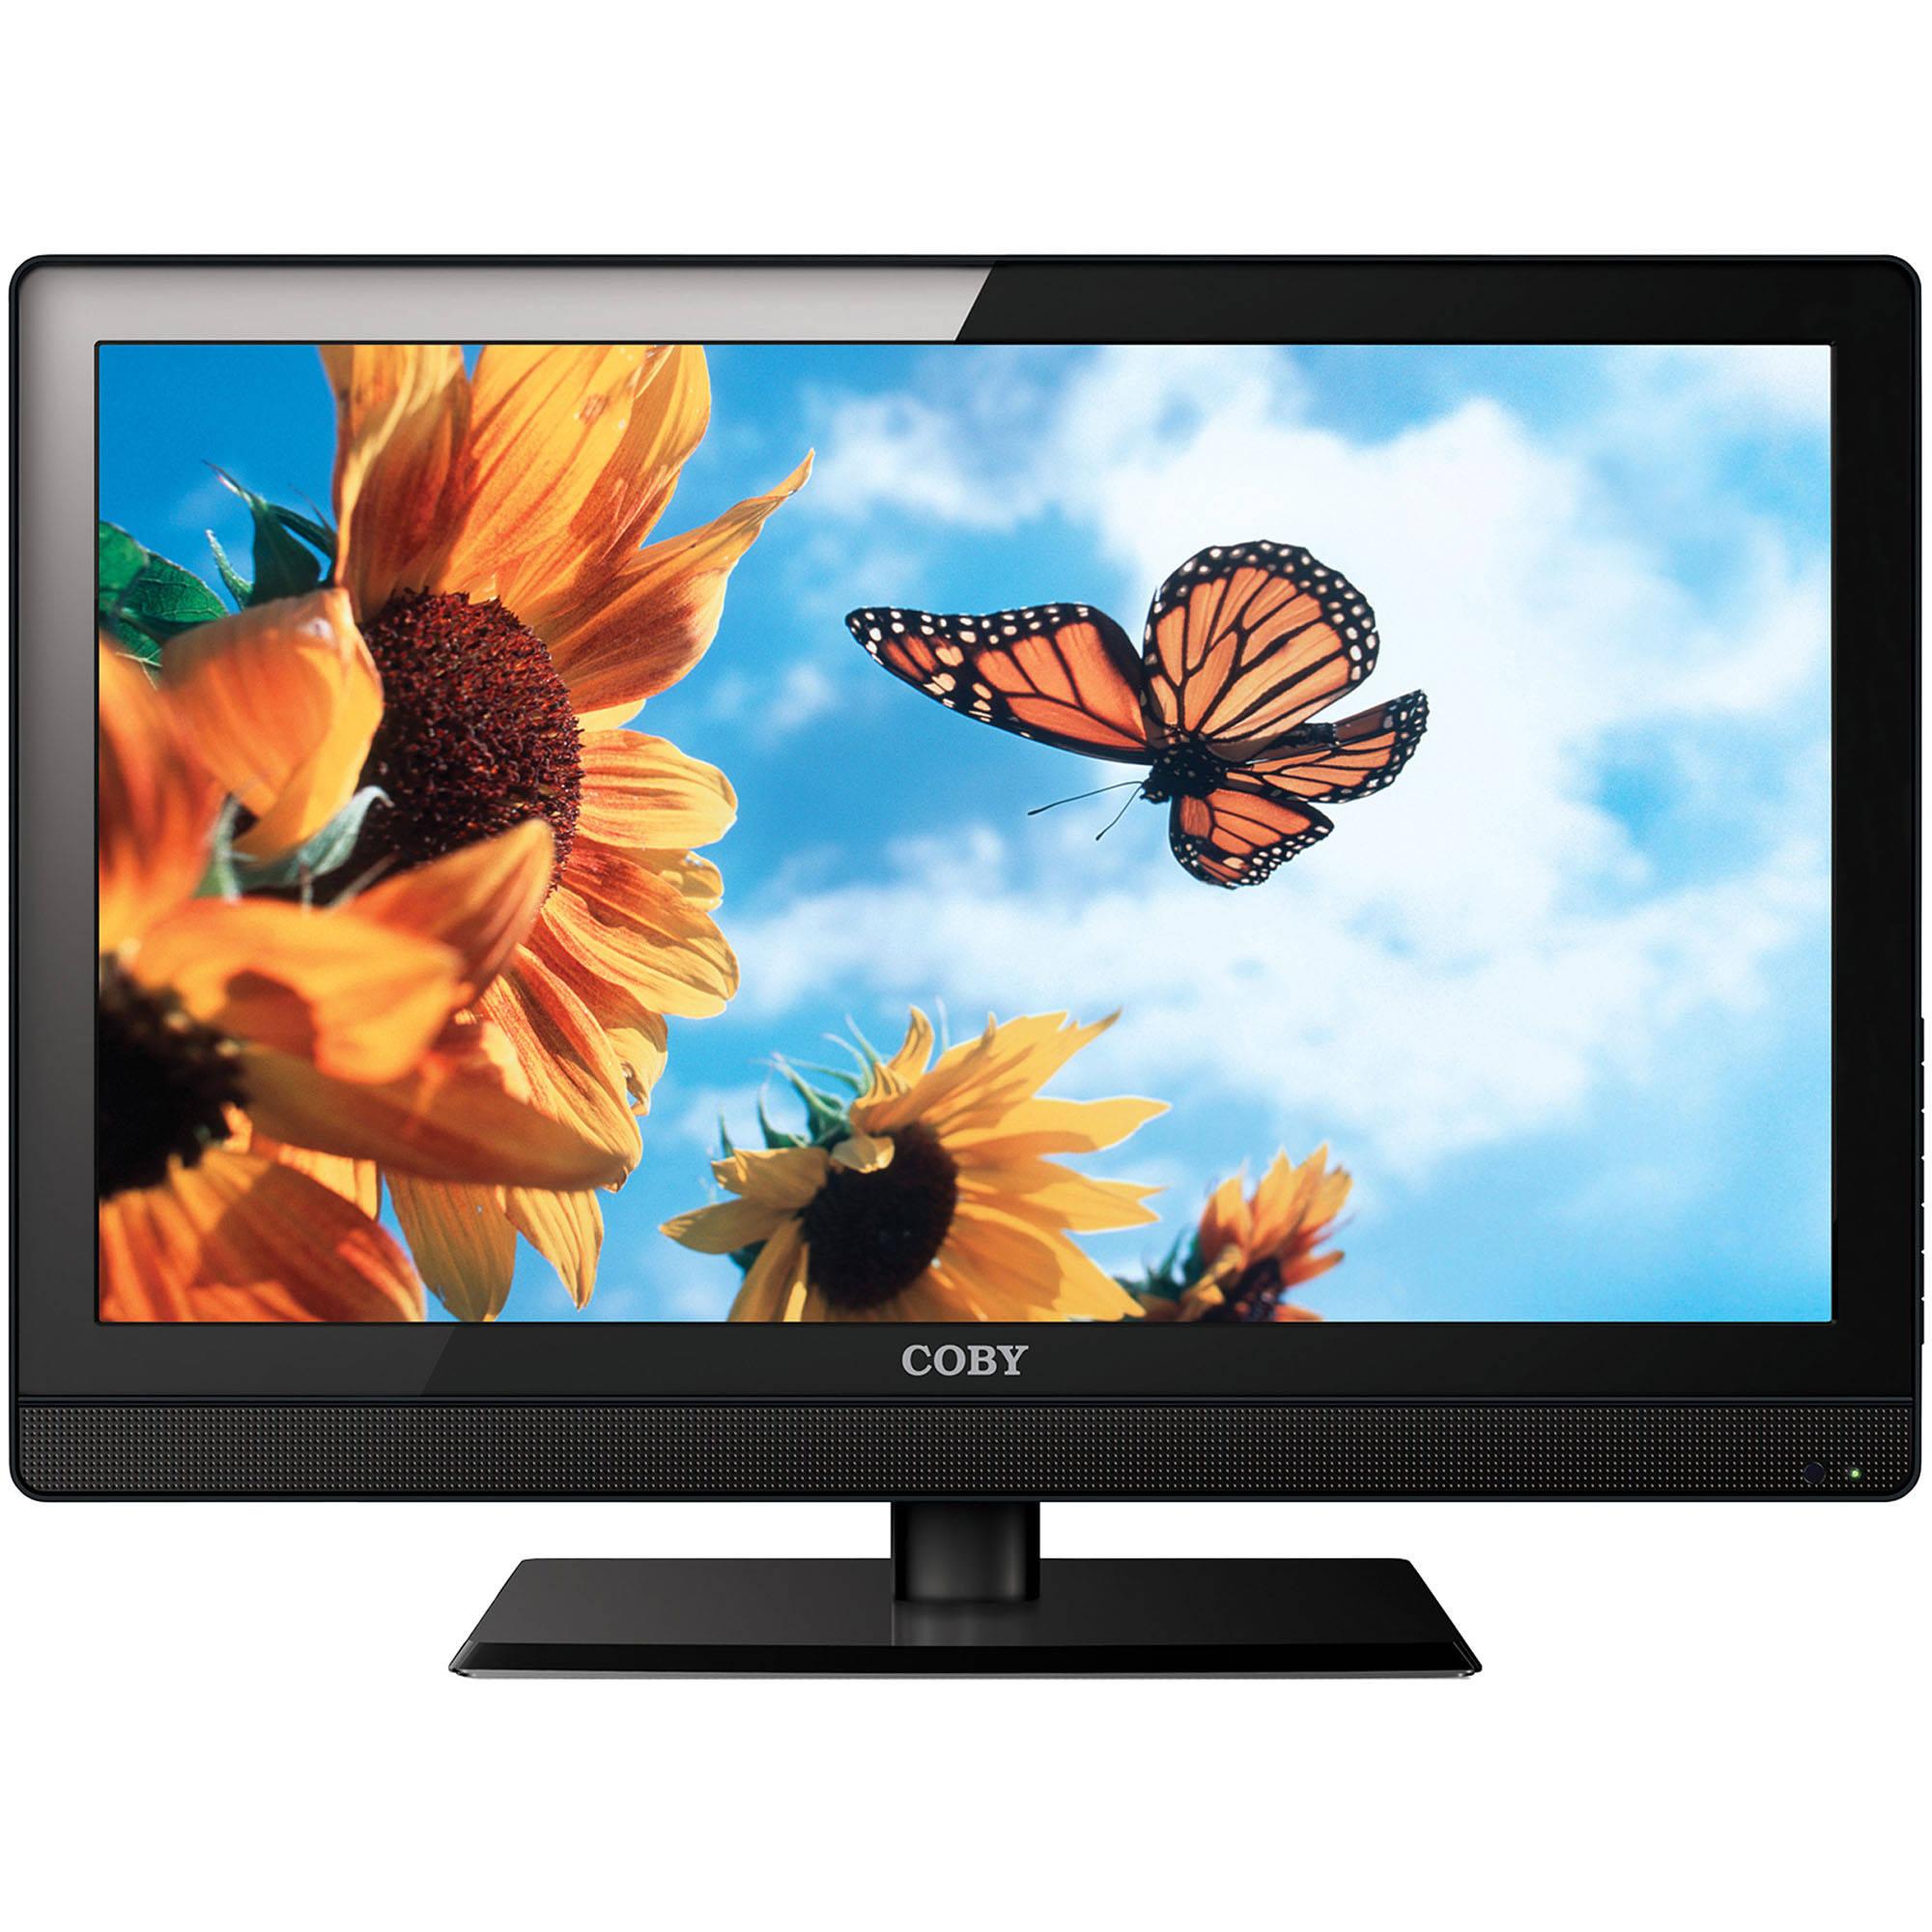 Coby LEDTV2235 22